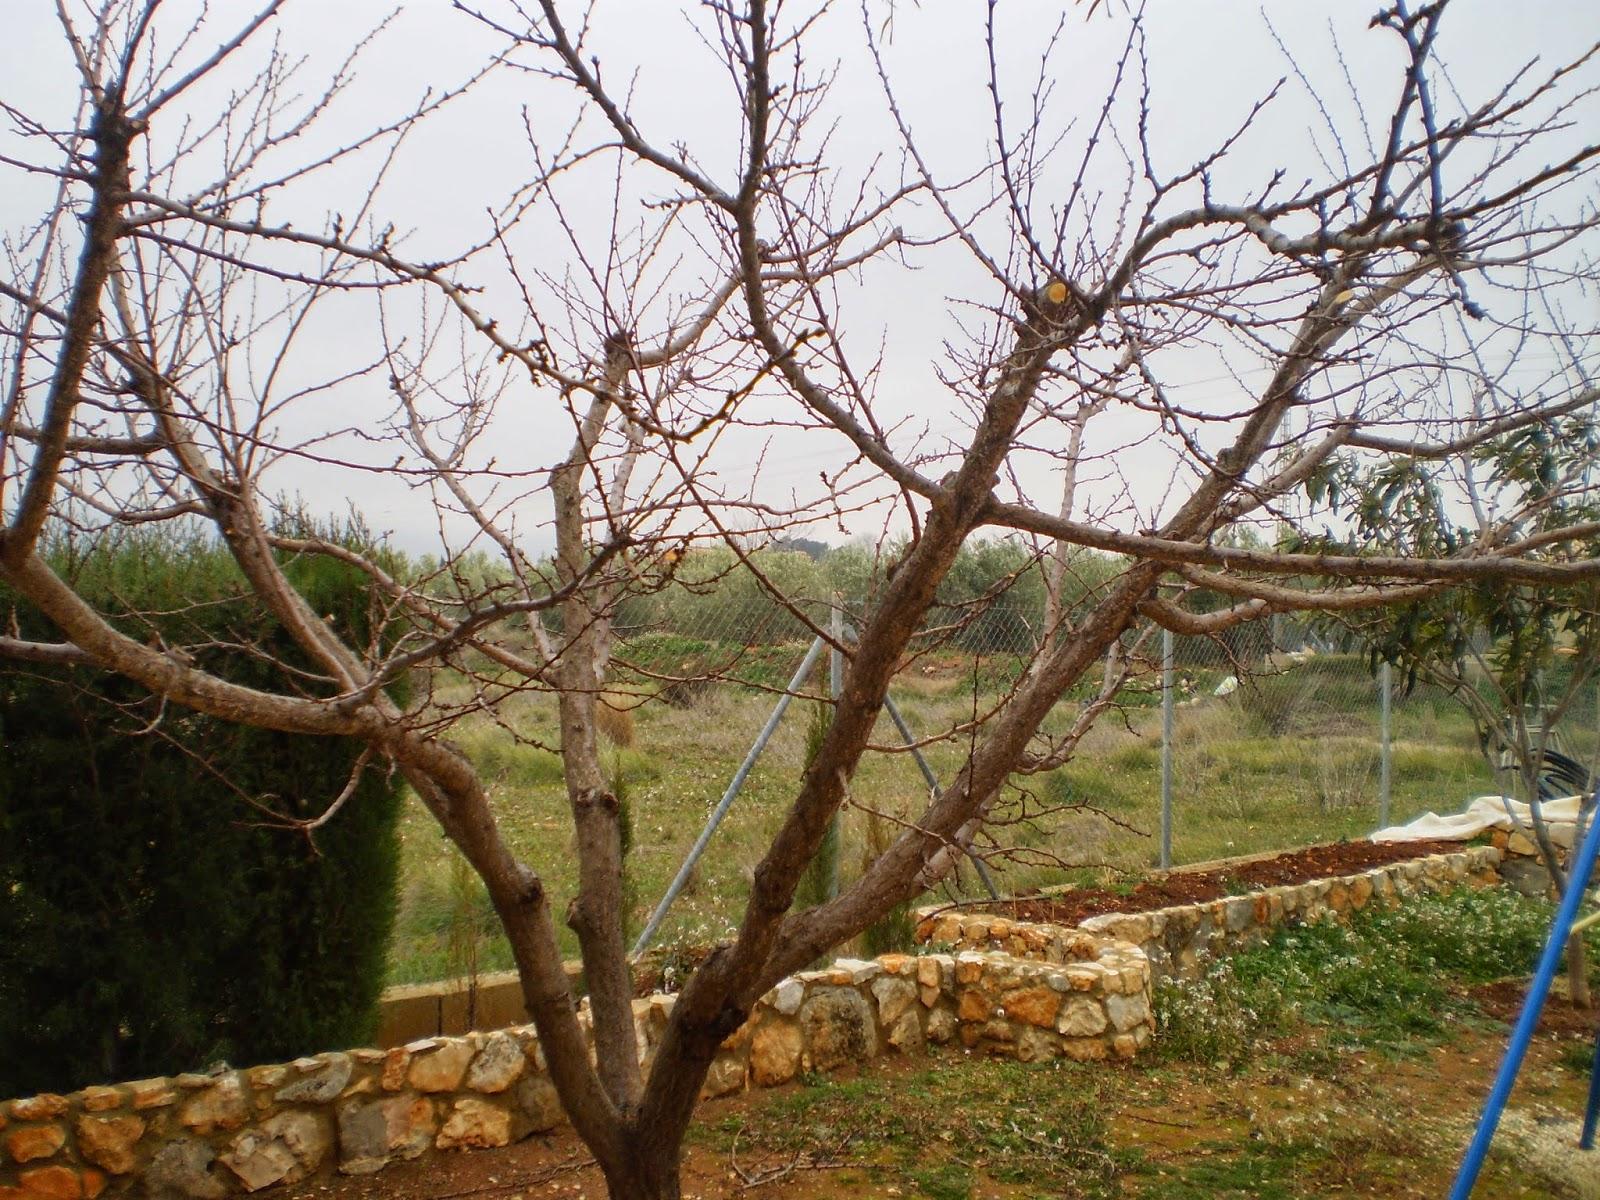 Cultivar el huerto casero el invierno en el huerto casero for Preparar el huerto en invierno